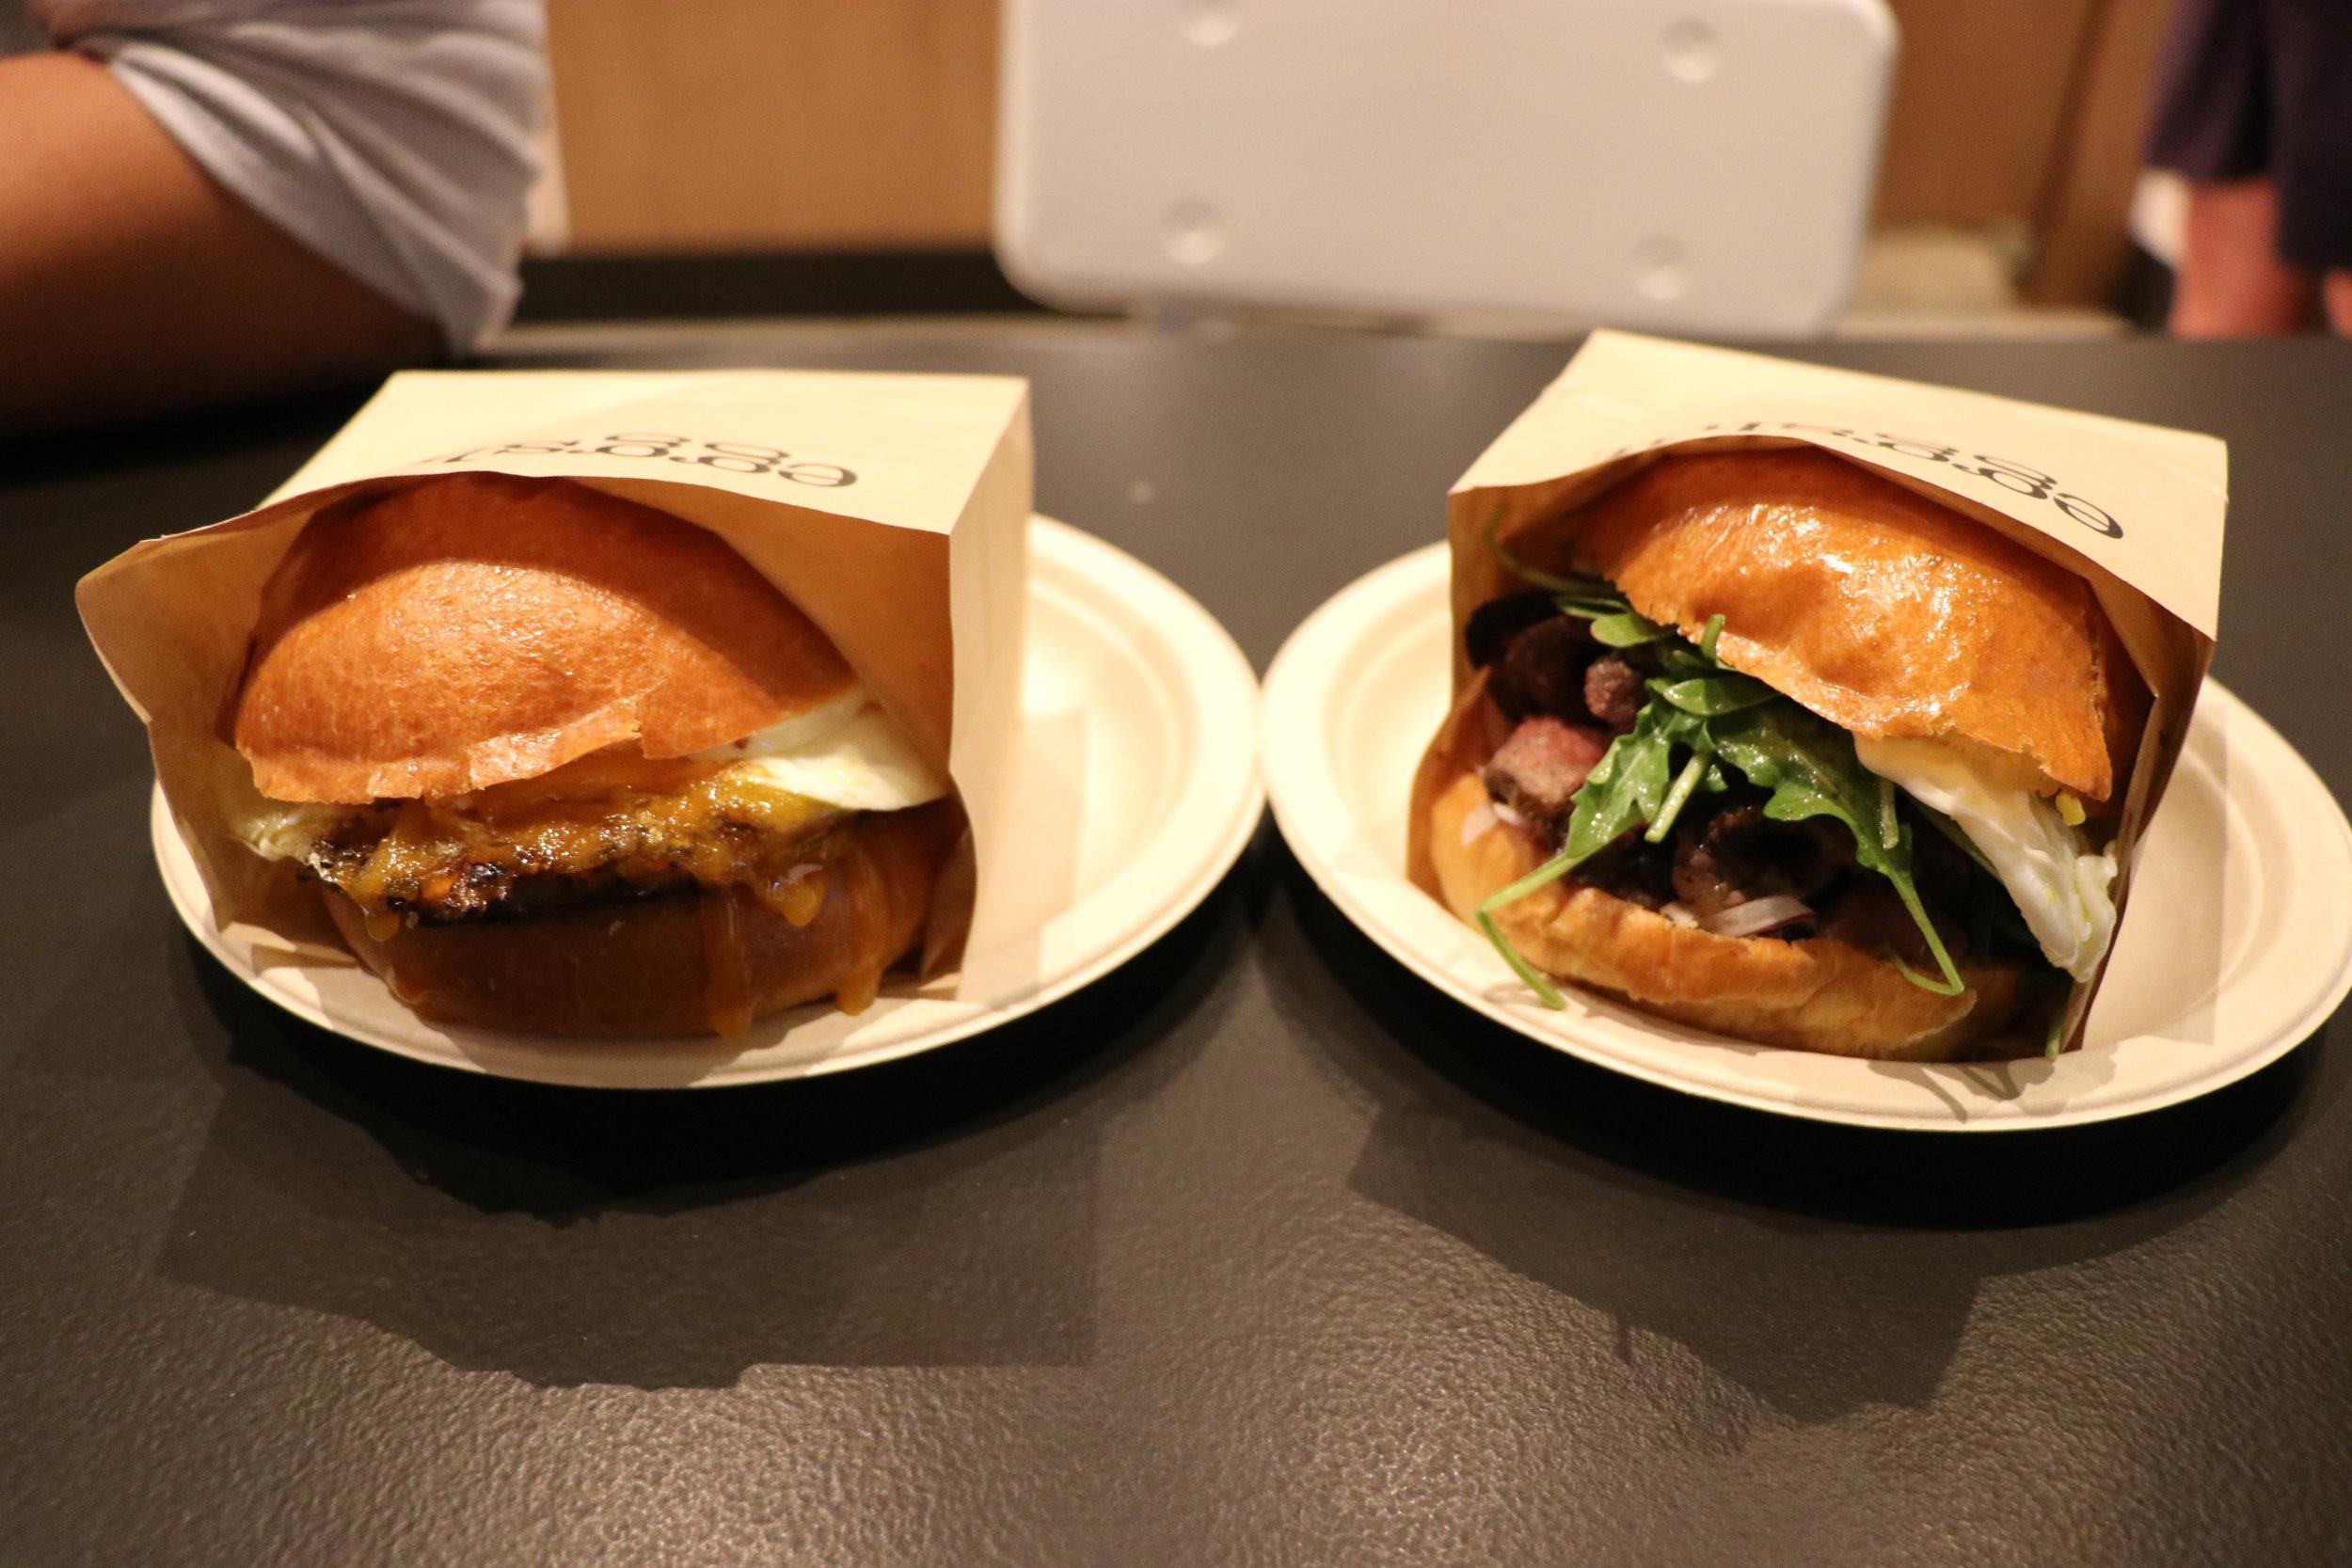 左:チーズバーガー、右:ガウチョ